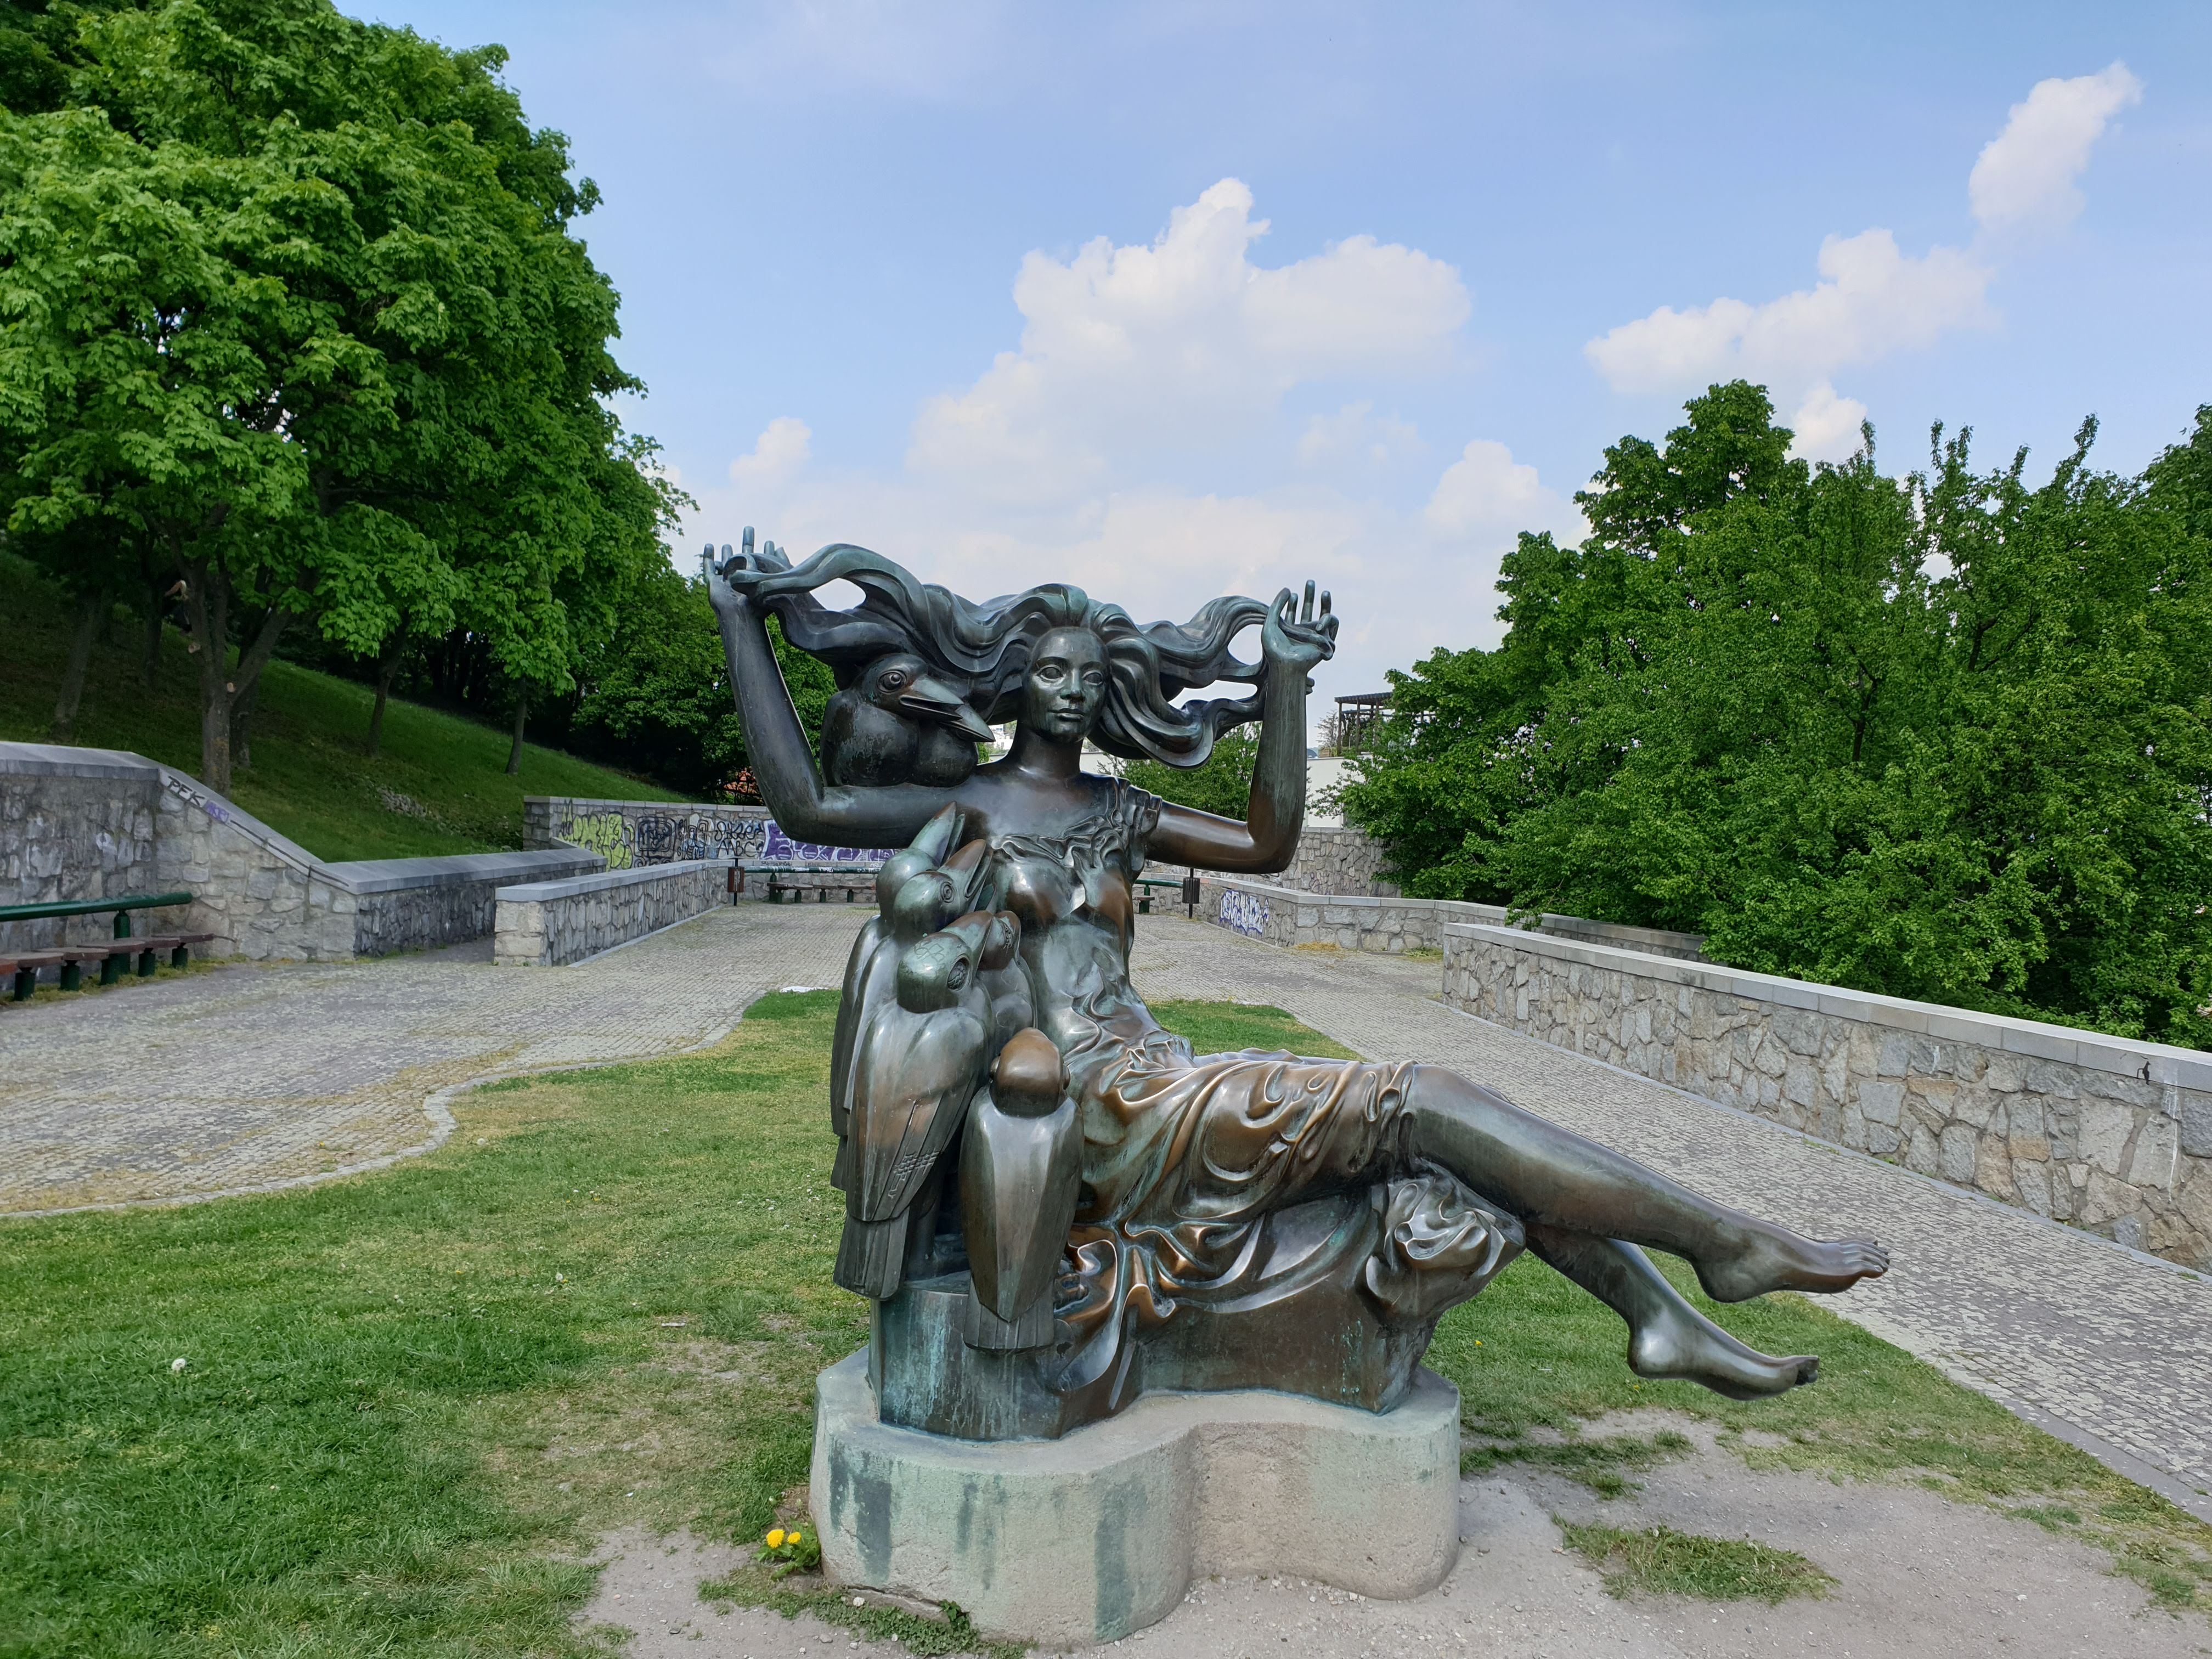 A Bird Lady vagy Medúza szobor. Eredete és története ismeretlen.